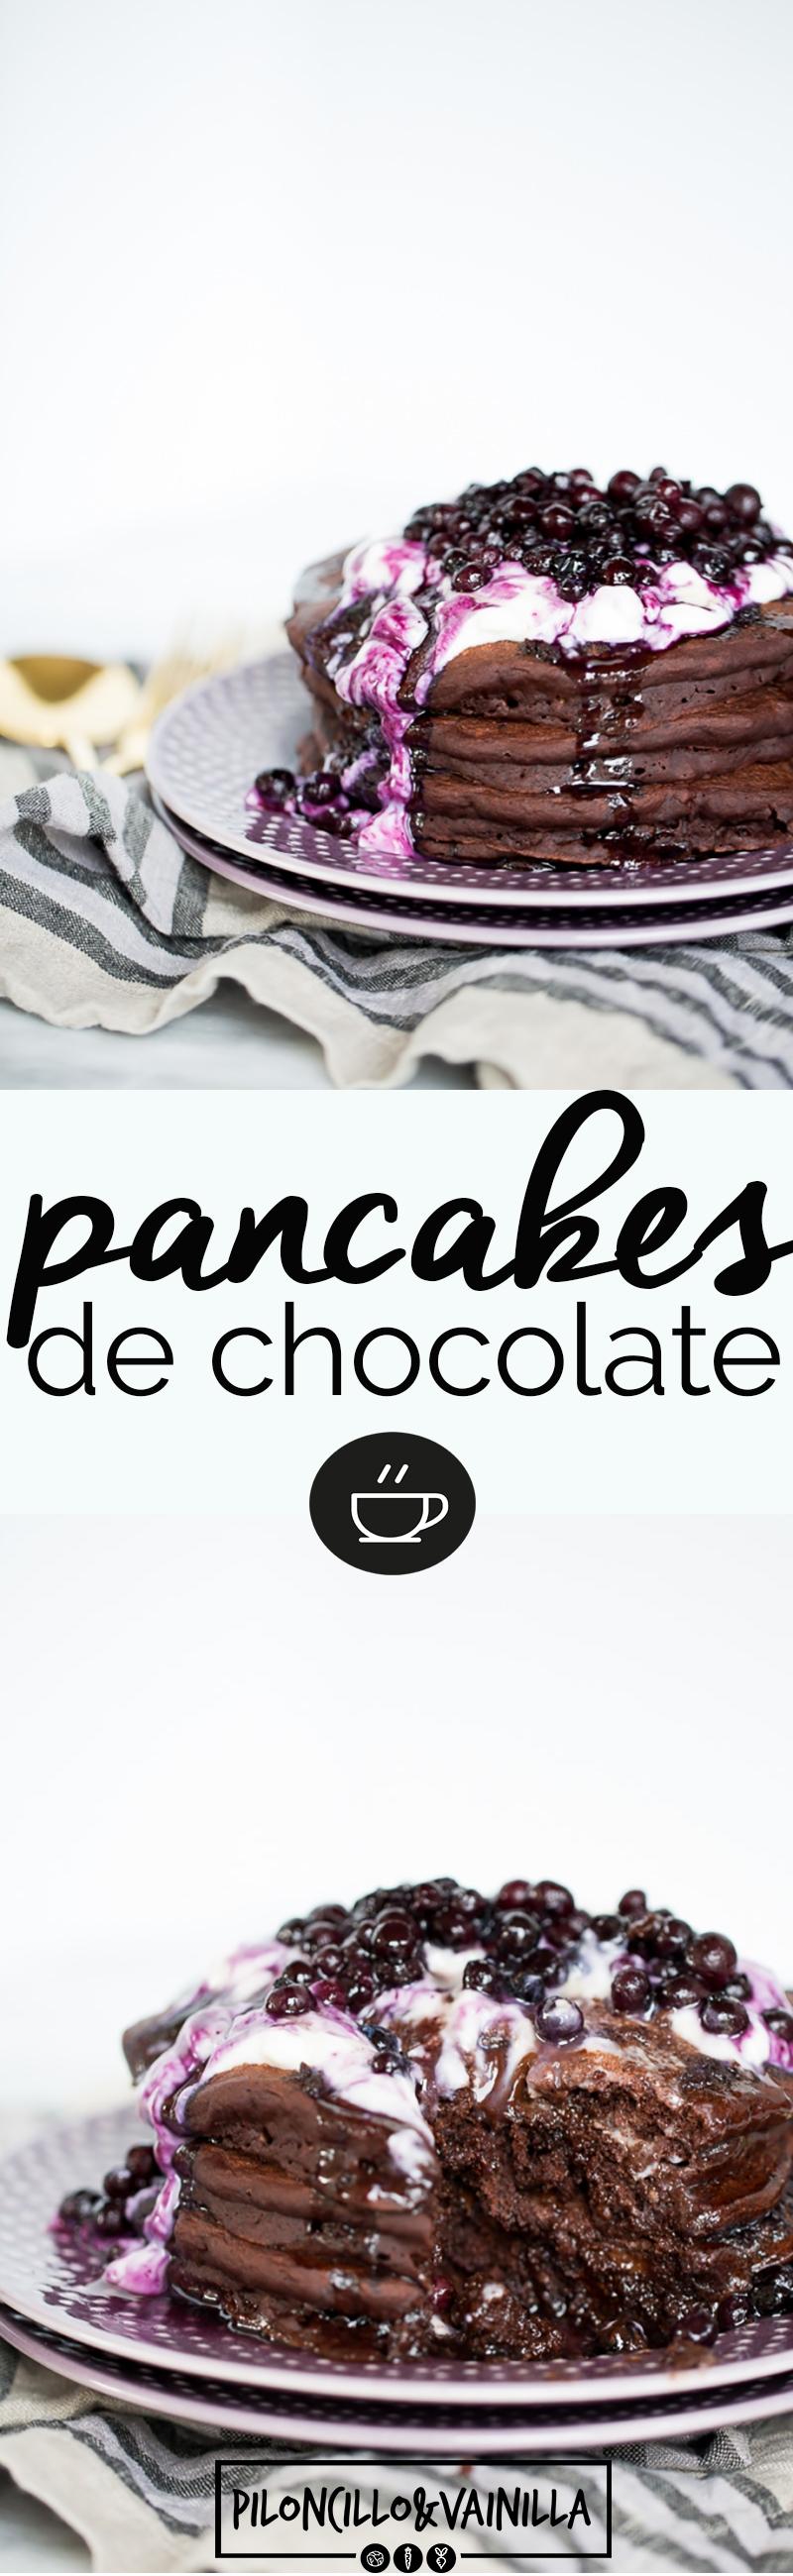 Receta de pancakes de chocolate con chispas de chocolate obscuro es la receta perfecta para cuando quieres tener un desayuno fuera de serie. #recetavegana, #recetaenespañol, #recetadedesayuno, #vegano